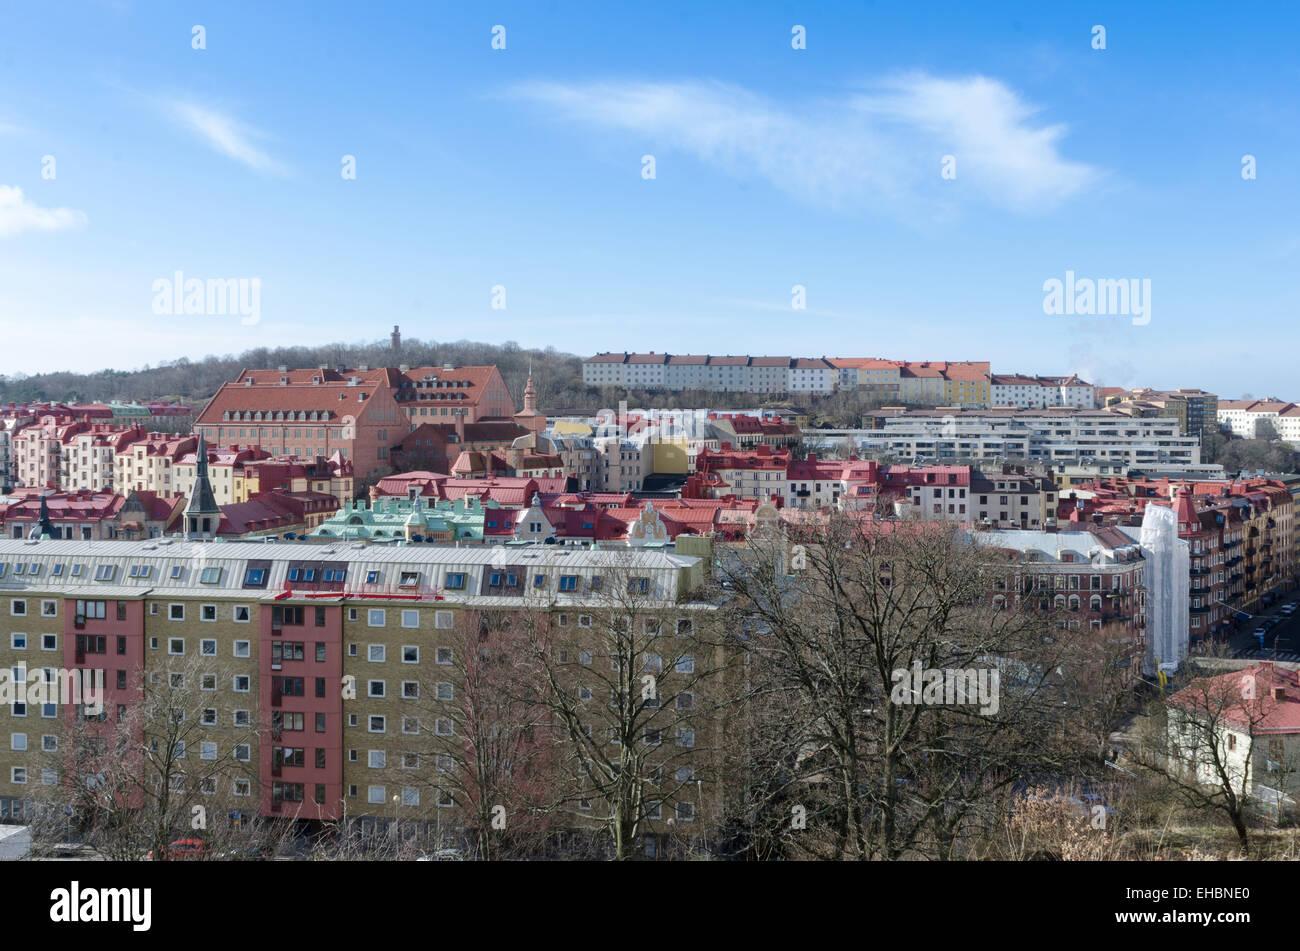 utsikt över linnestaden från skansen kronan - Stock Image